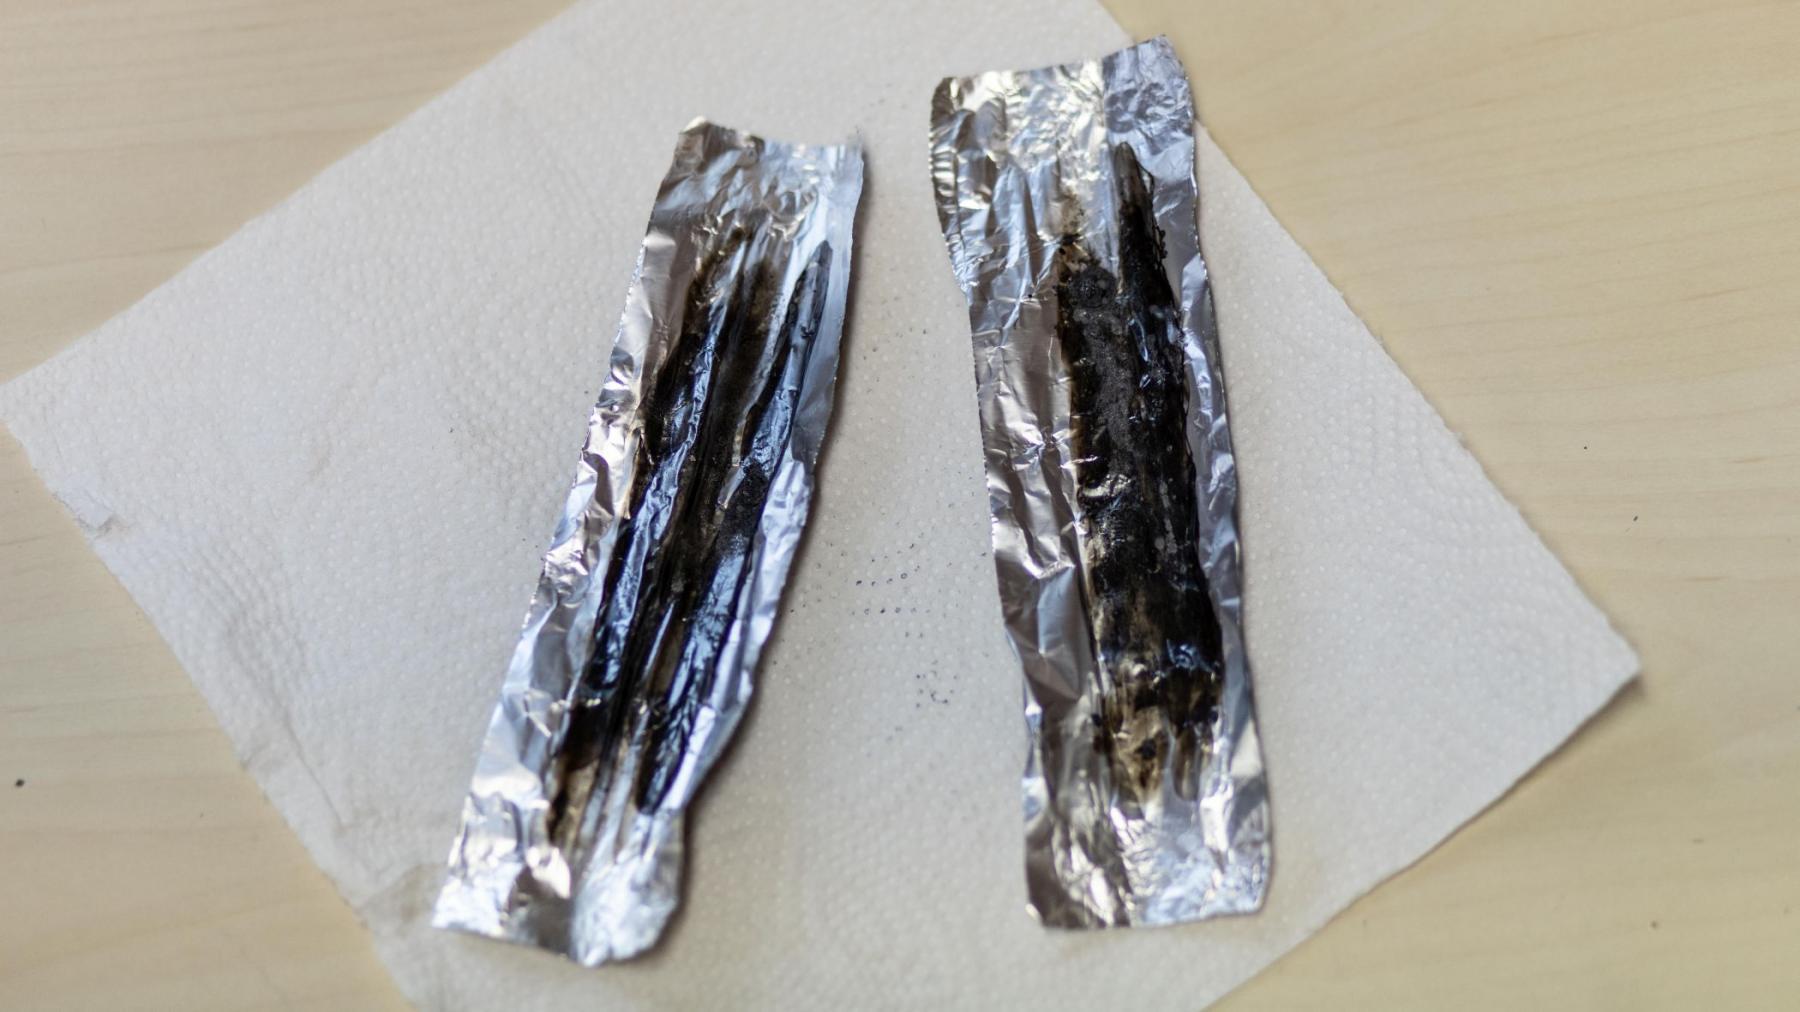 """So sieht ein """"Blech"""" nach dem Rauchen aus. Das eigentlich braune Heroin ist verbrannt. Was bleibt: ein klebriger schwarzer Rückstand."""